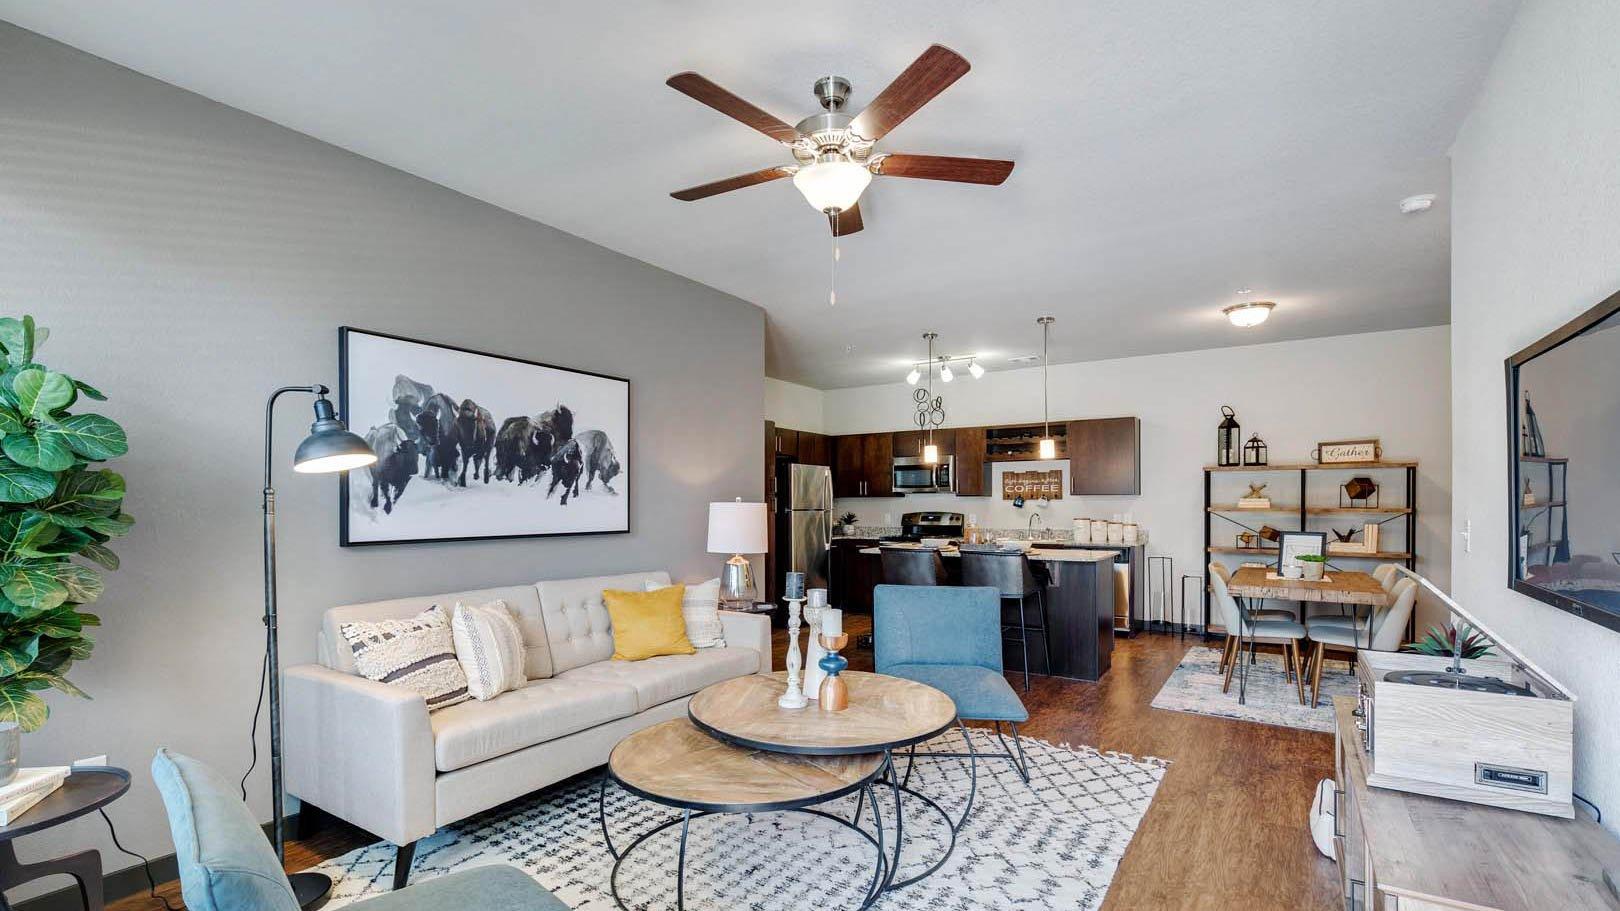 Living Room in Rosenberg, TX